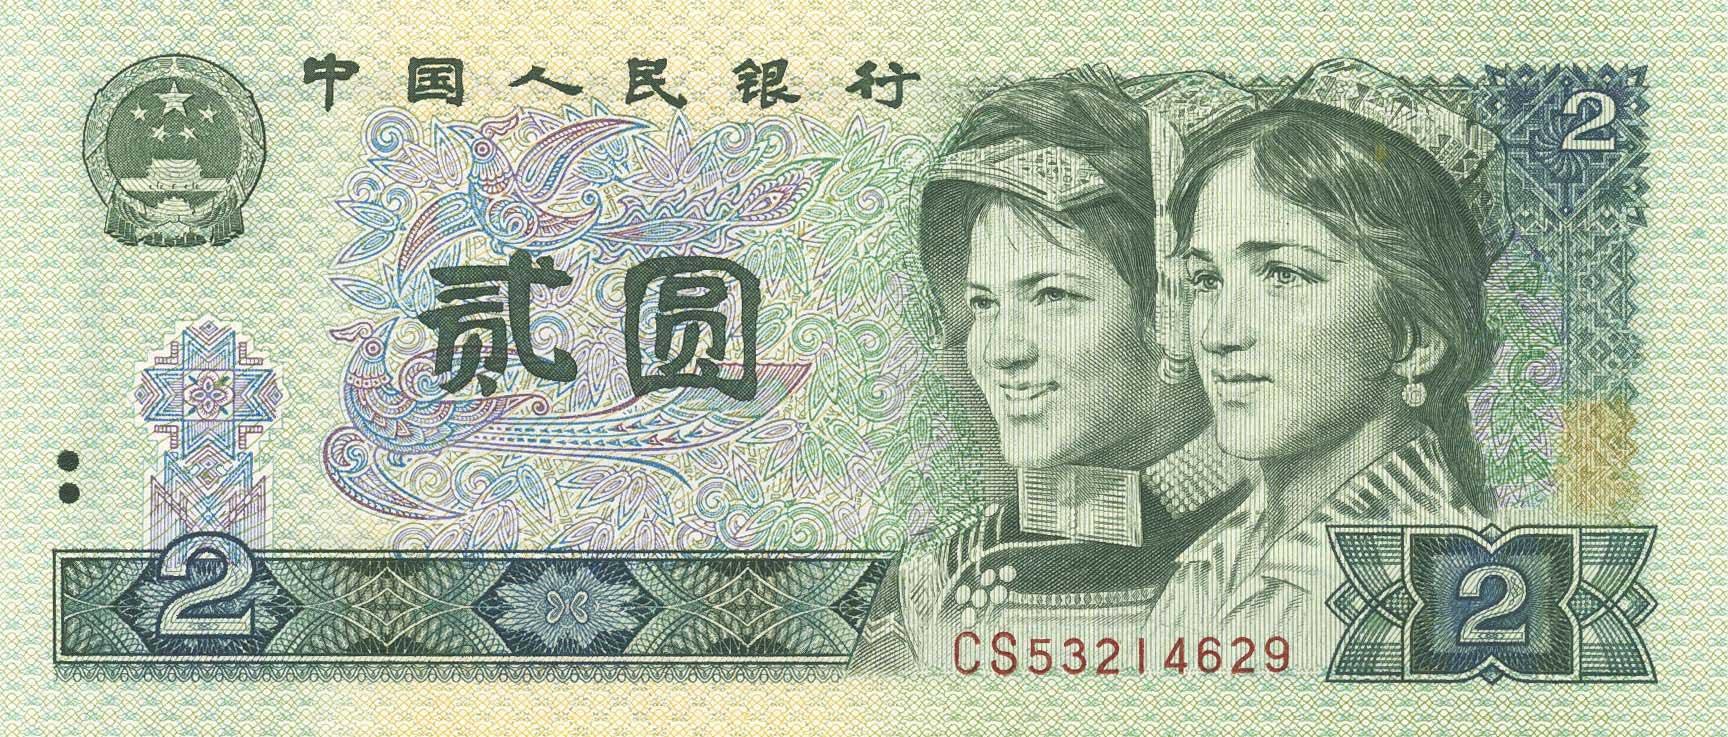 CHN-0885a-a